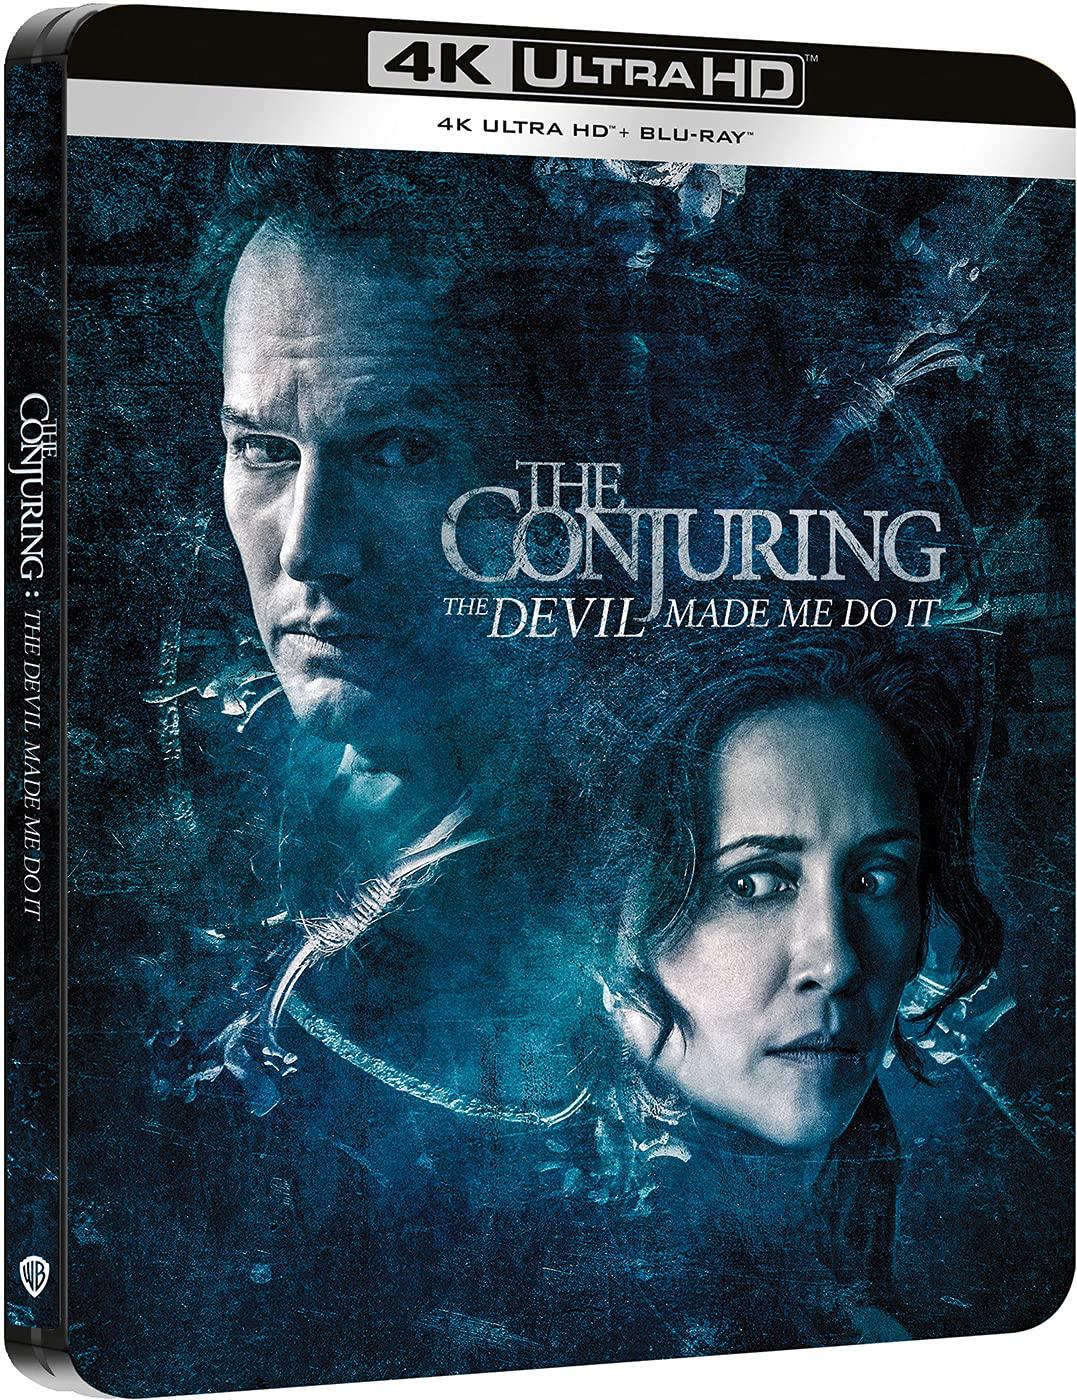 Expediente Warren: Obligado por el demonio - Steelbook 4k UHD + Blu-ray [Blu-ray]